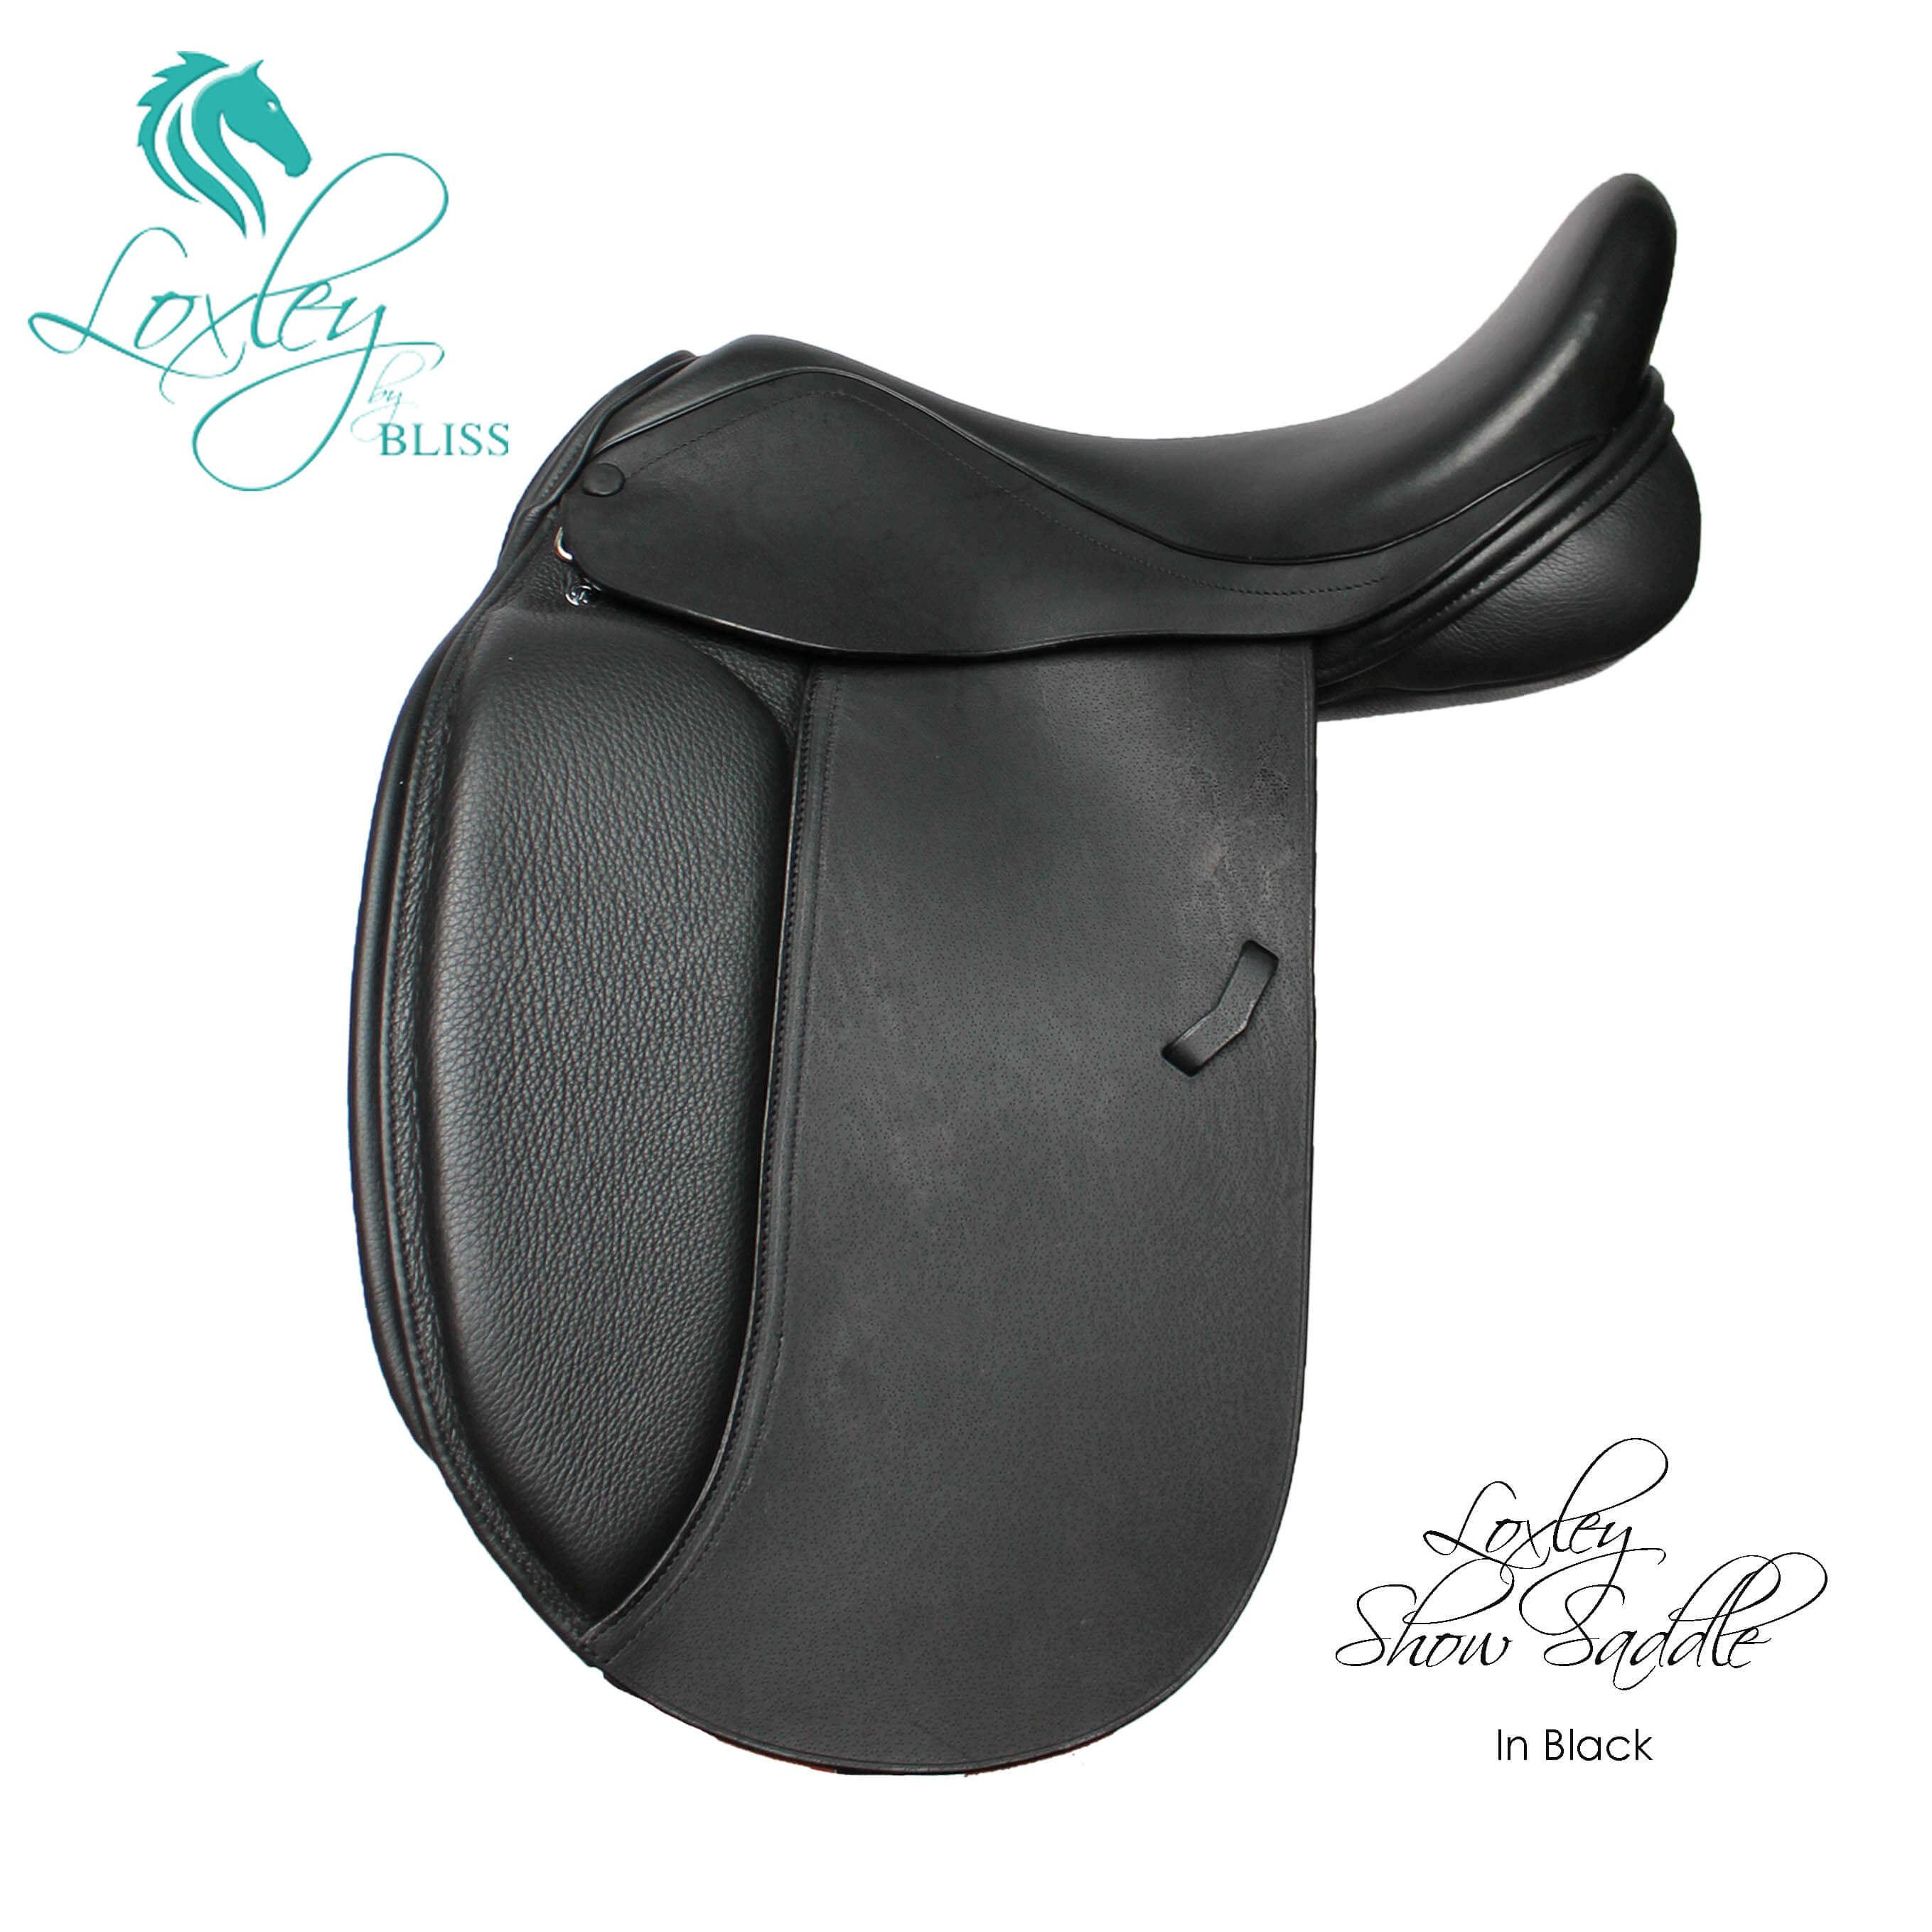 384 - Showsaddle black side